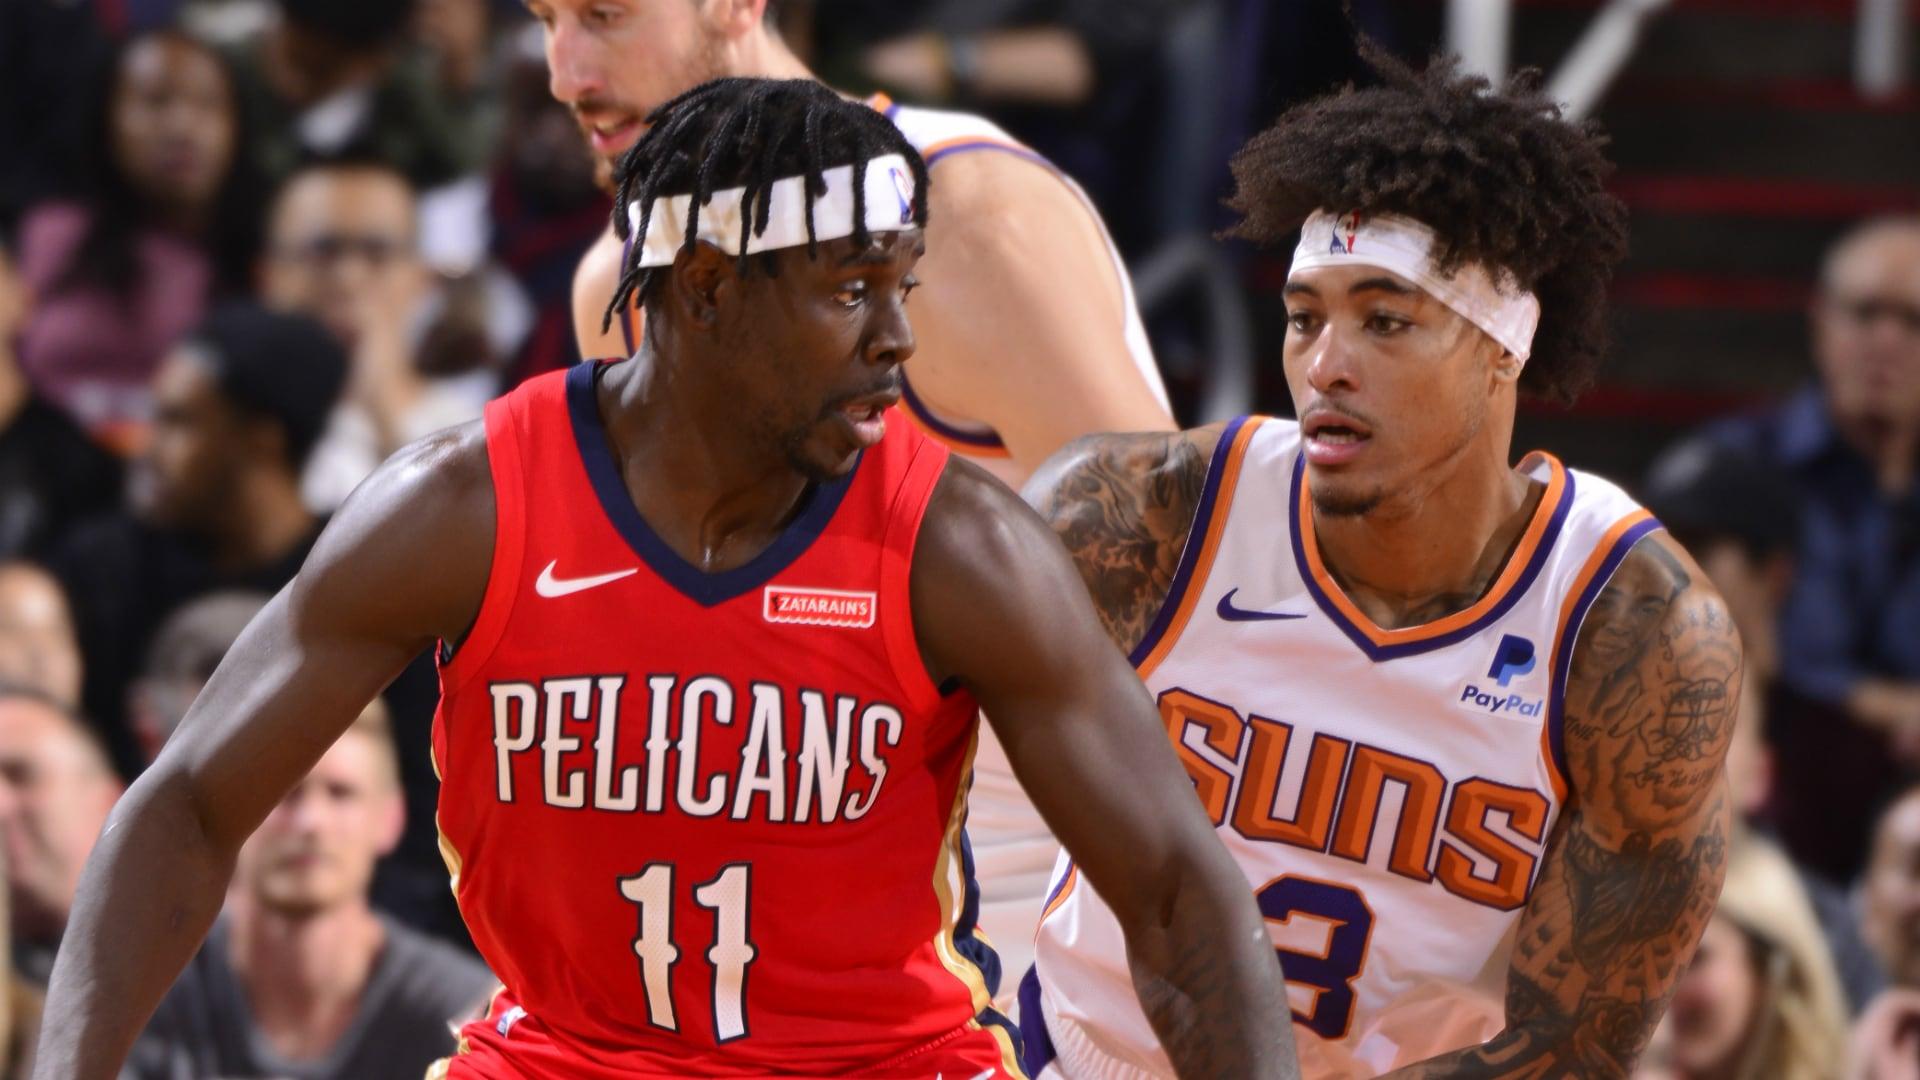 Pelicans @ Suns